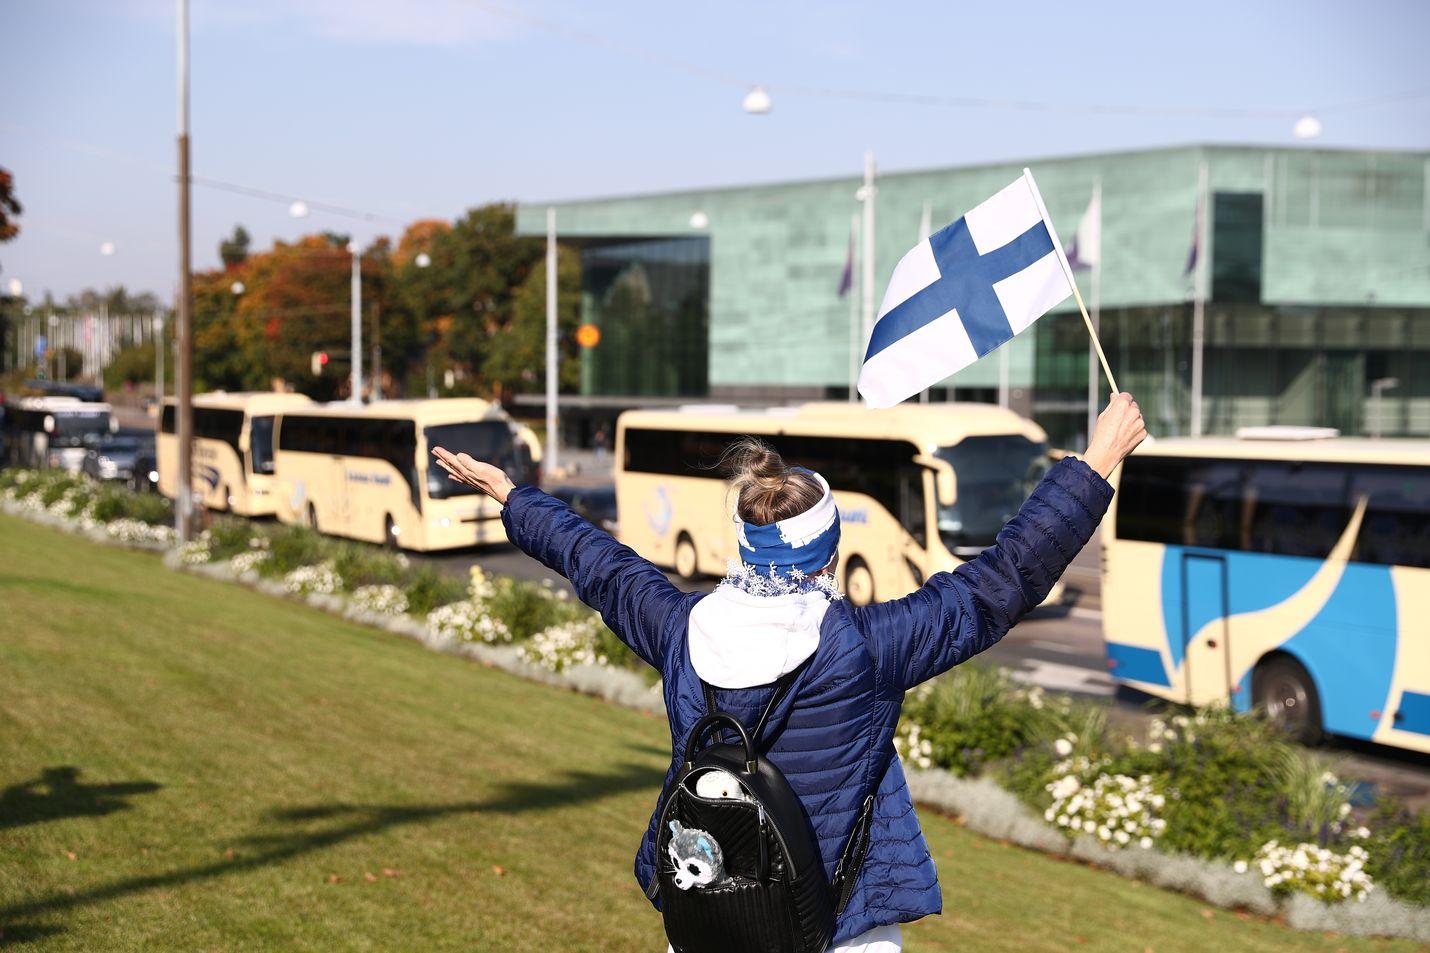 Samaan aikaan mielenilmauksen kanssa hallitus päätti uusista maahantulon rajoituksista, jotka tulevat voimaan ensi viikon maanantaina. Mielenilmaukseen osallistui yli 20 turistibussia eri puolilta Suomea.